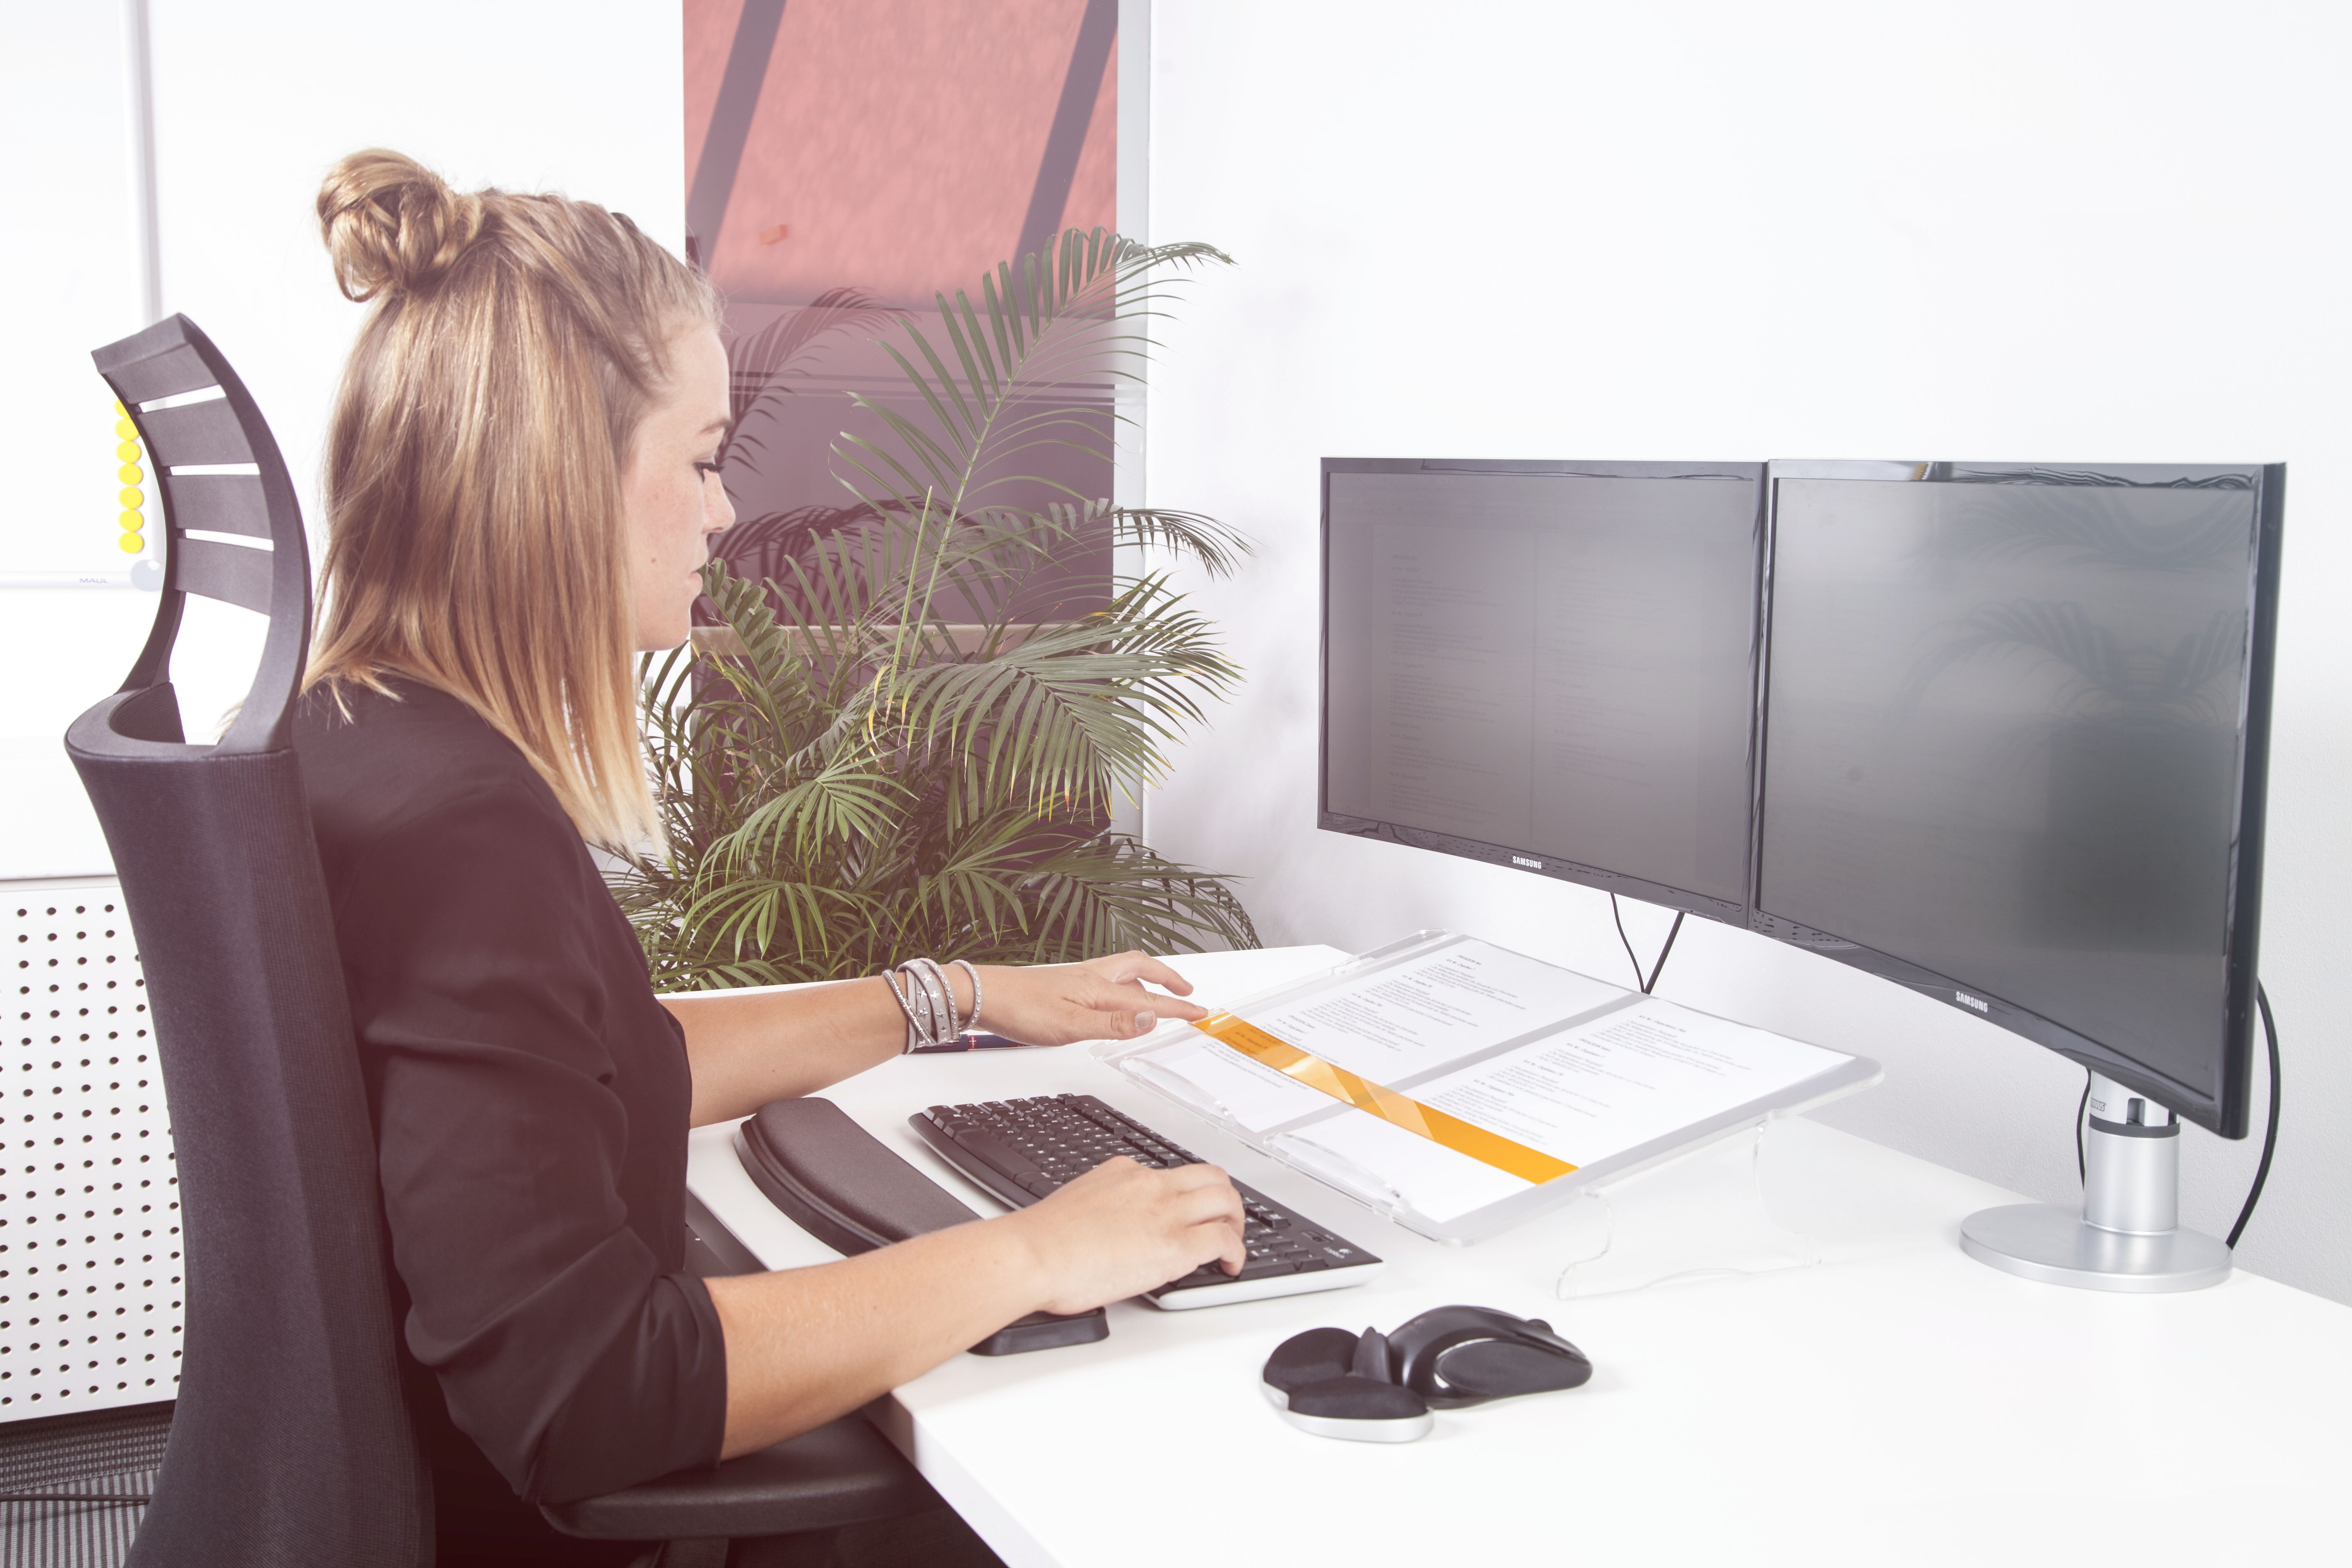 Das Leselineal, im kontrastreichen orange, erleichtert das Lesen und markieren von Dokumenten.